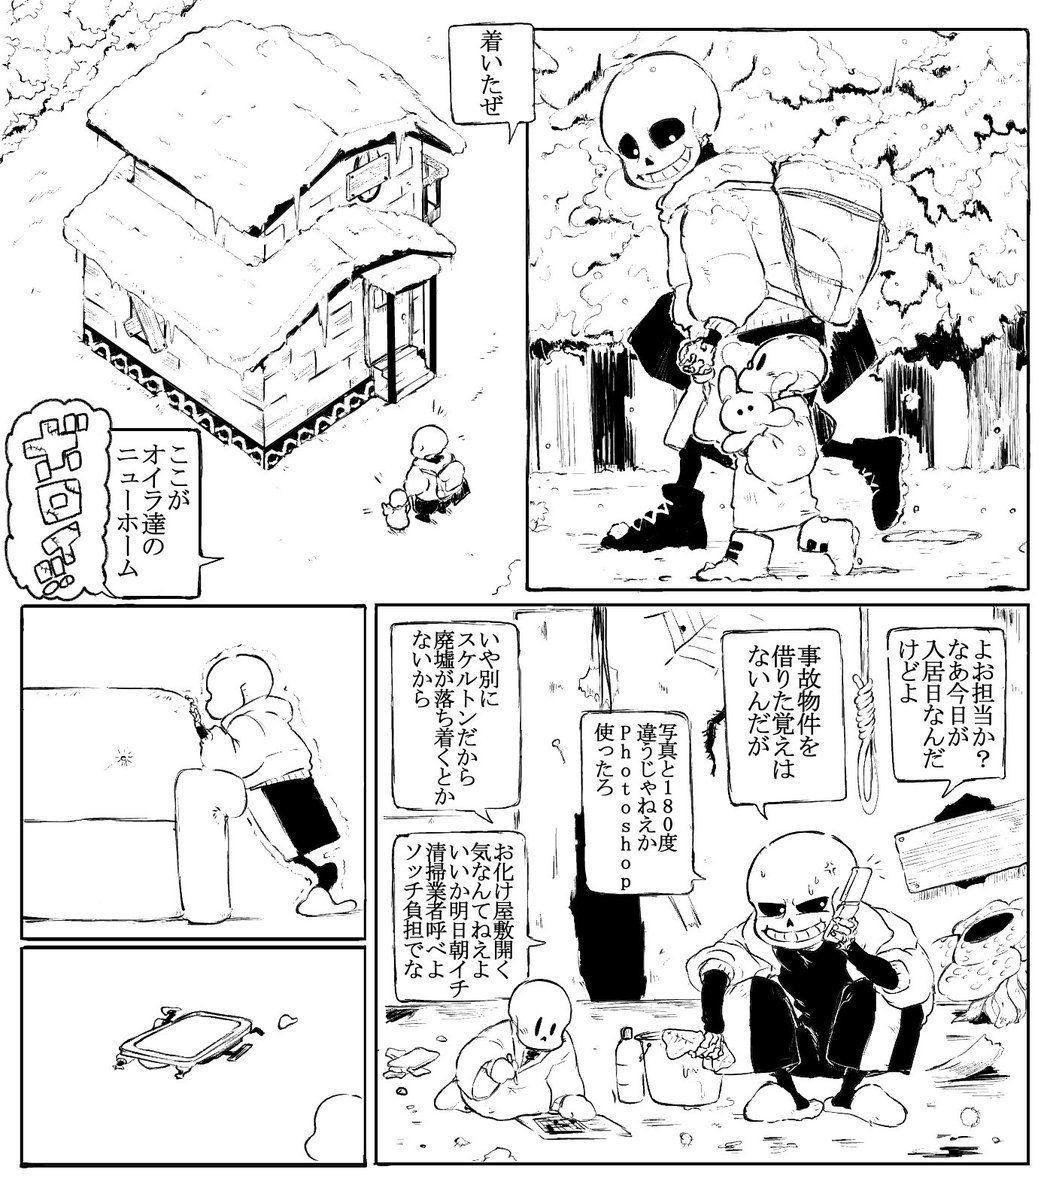 青 原稿 Debdeb555 さんの漫画 49作目 ツイコミ 仮 画像あり サガミ 育児 漫画 史群アル仙